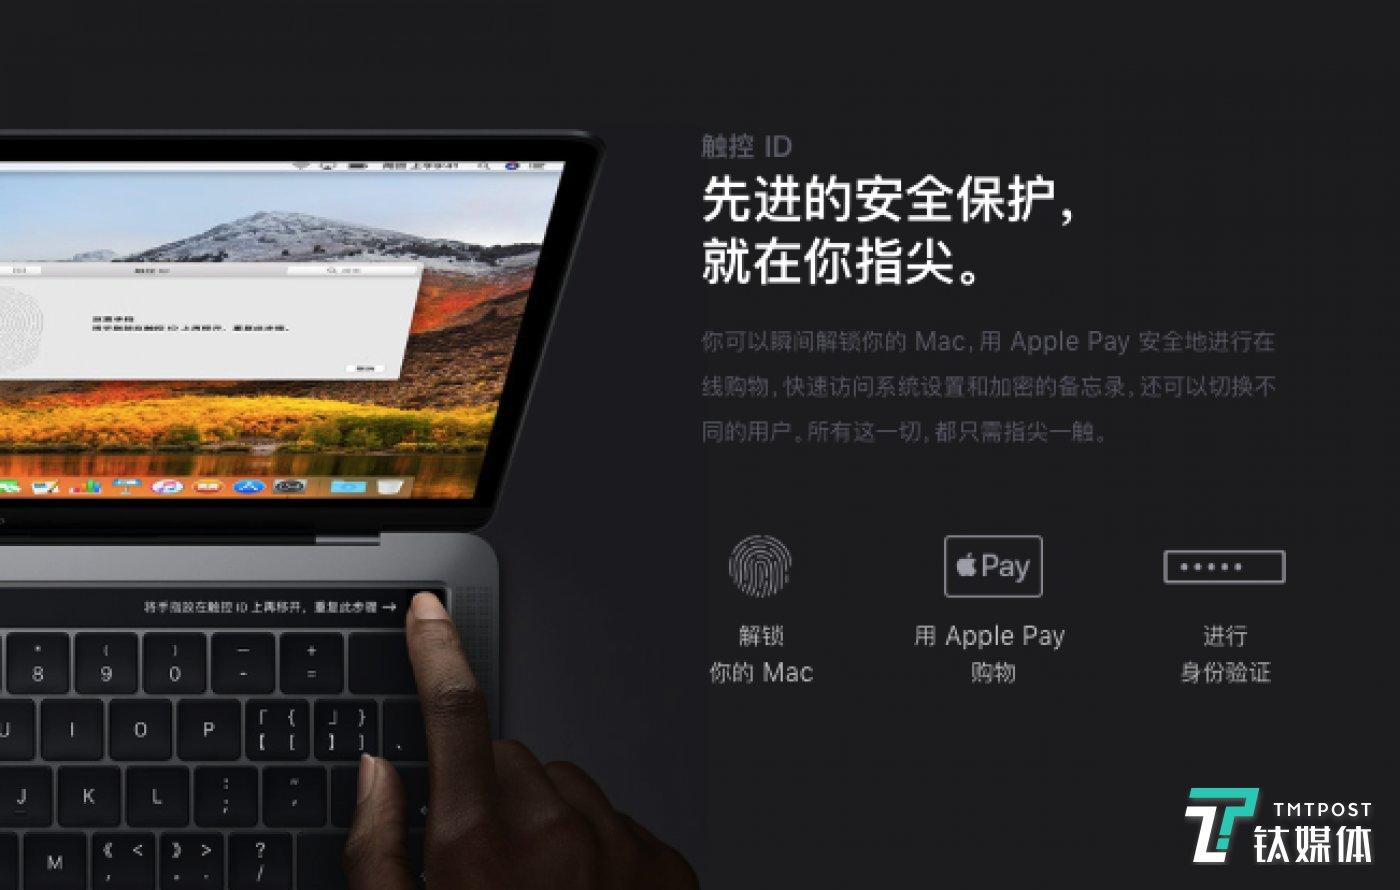 新机采用触控 ID解锁,支持Apple Pay